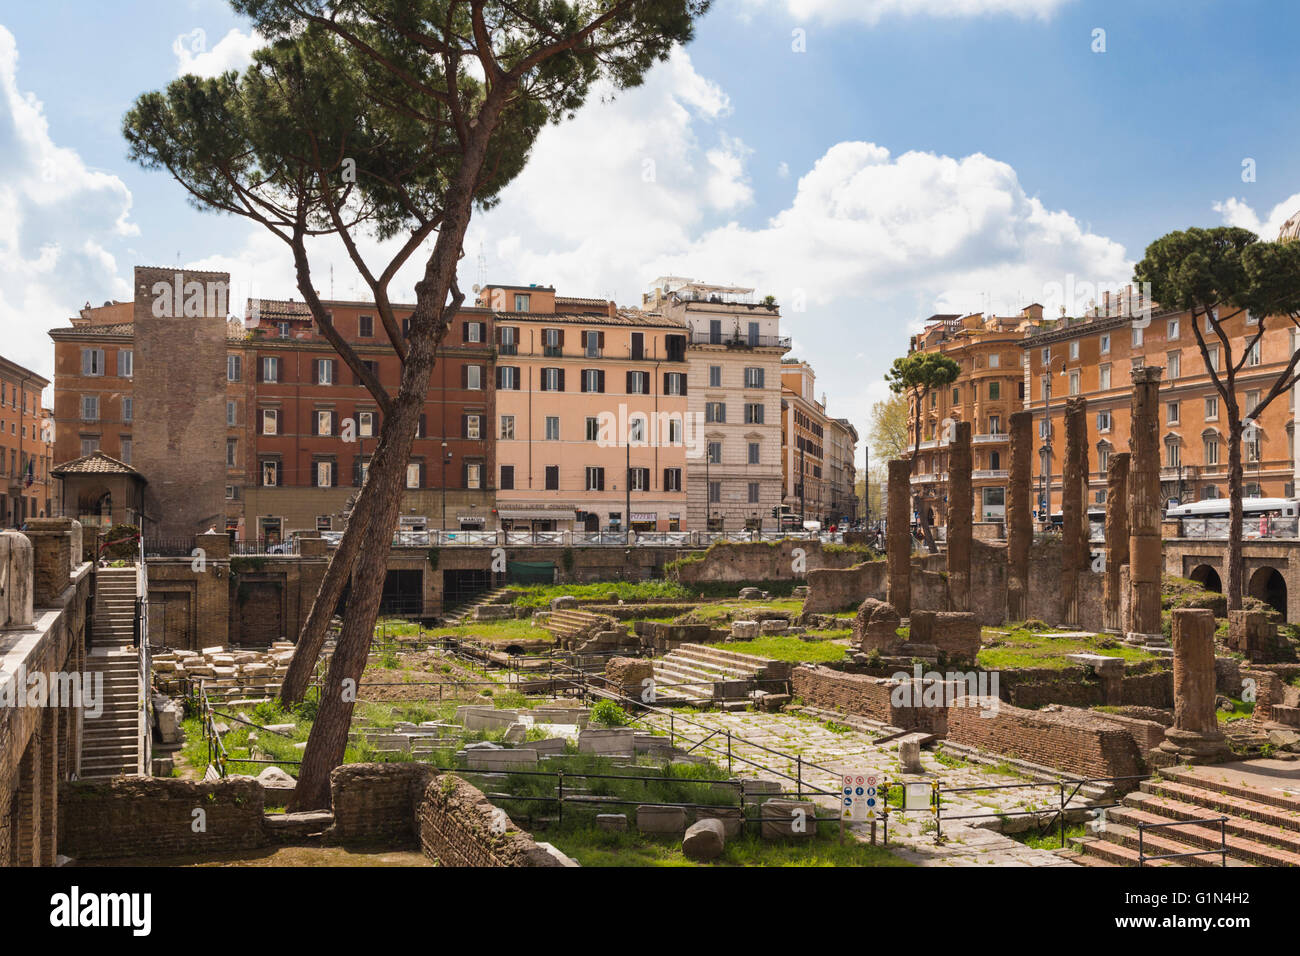 Roma, Italia. Largo di Torre Argentina. Rovine risalenti all'antica Repubblica Romana. Immagini Stock